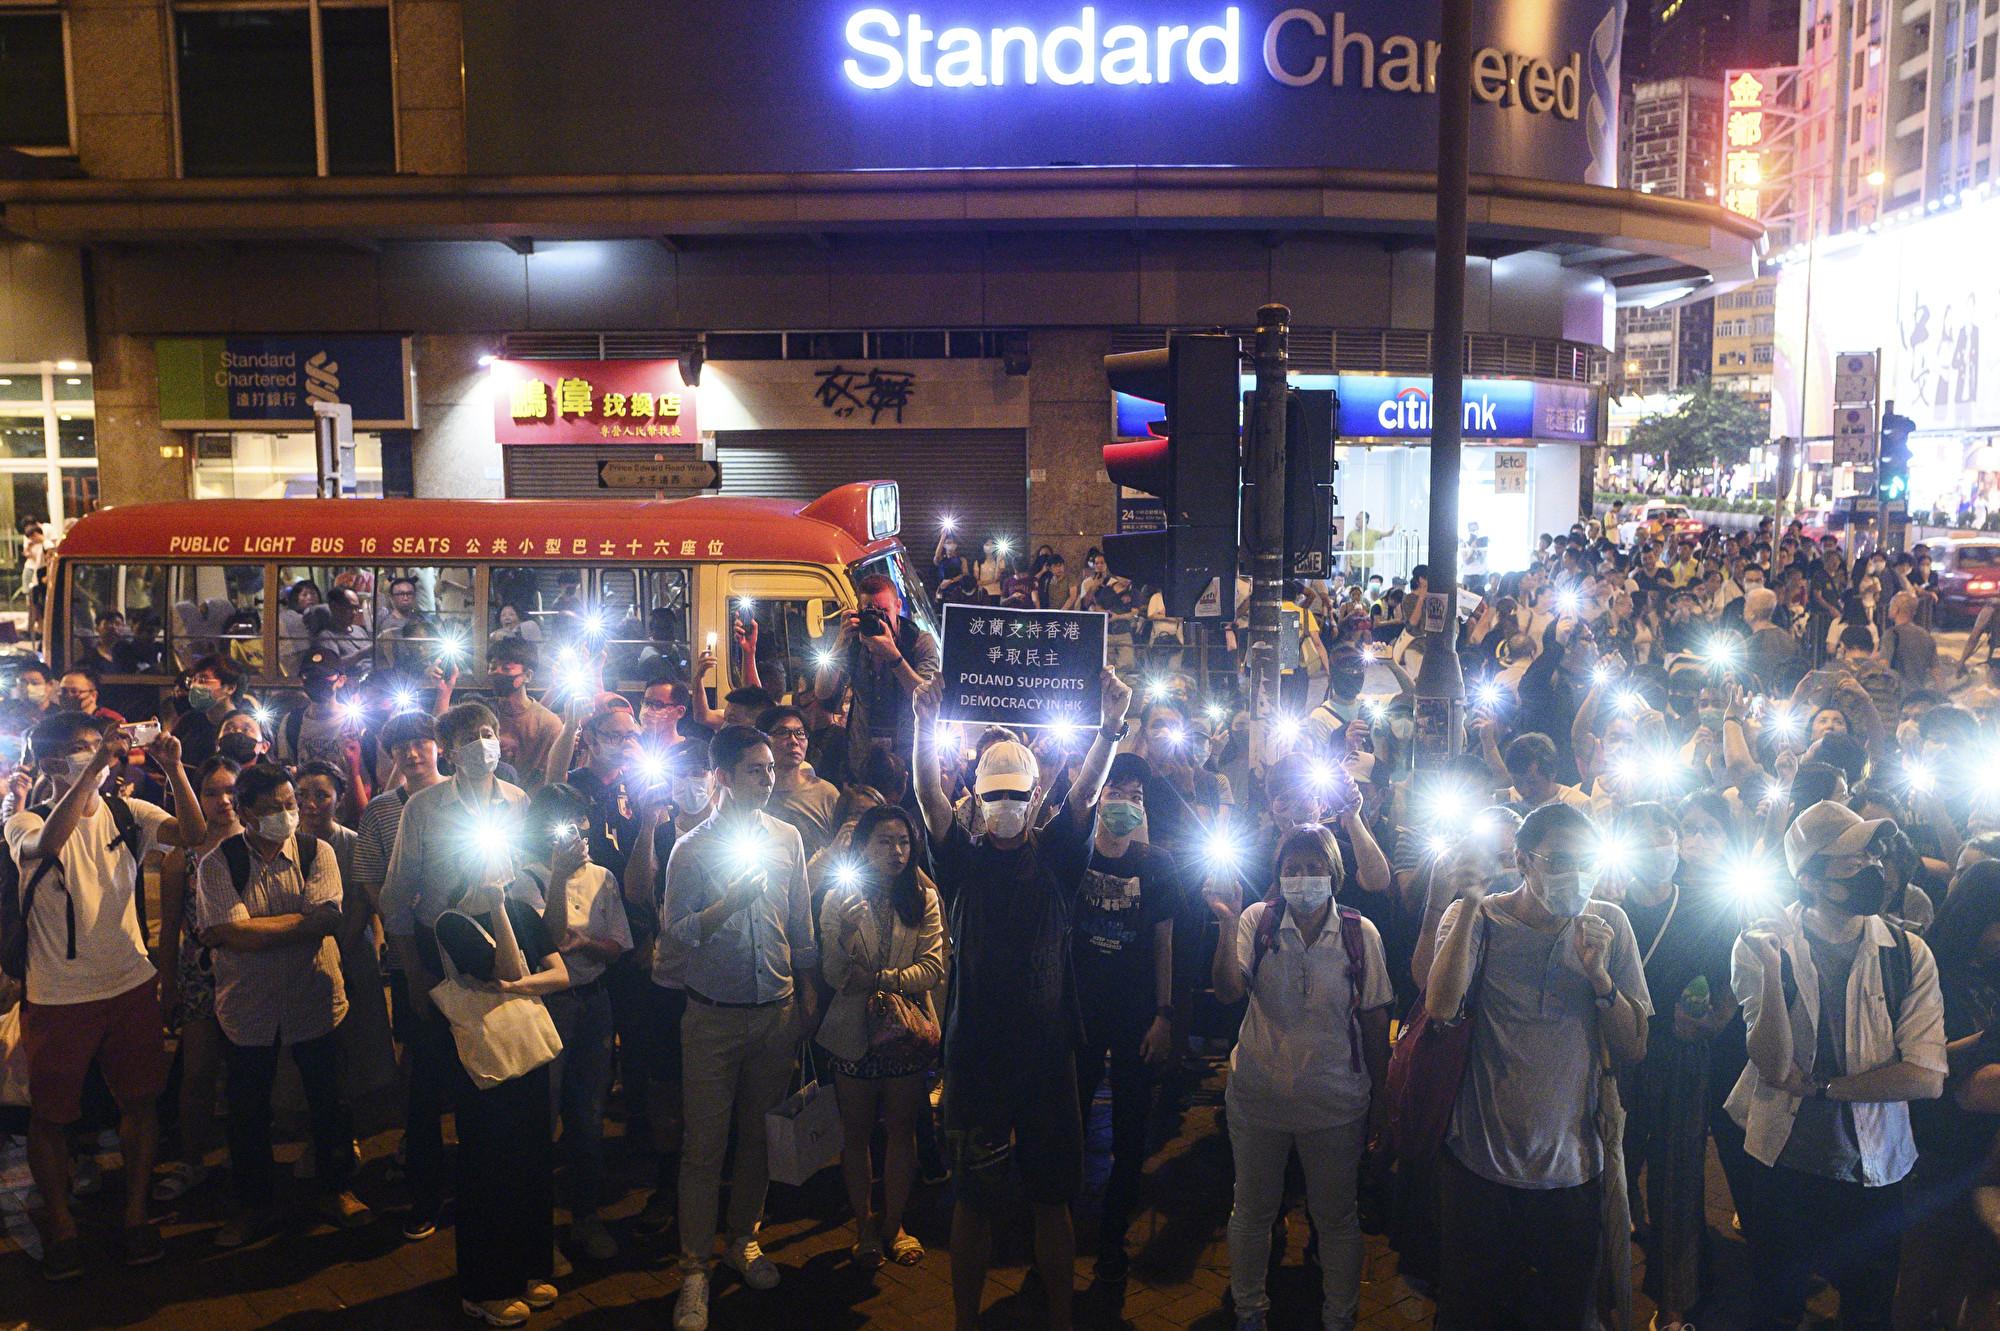 圖為9月7日,抗議者在旺角警察局外持續舉行示威活動。(Philip FONG / AFP)